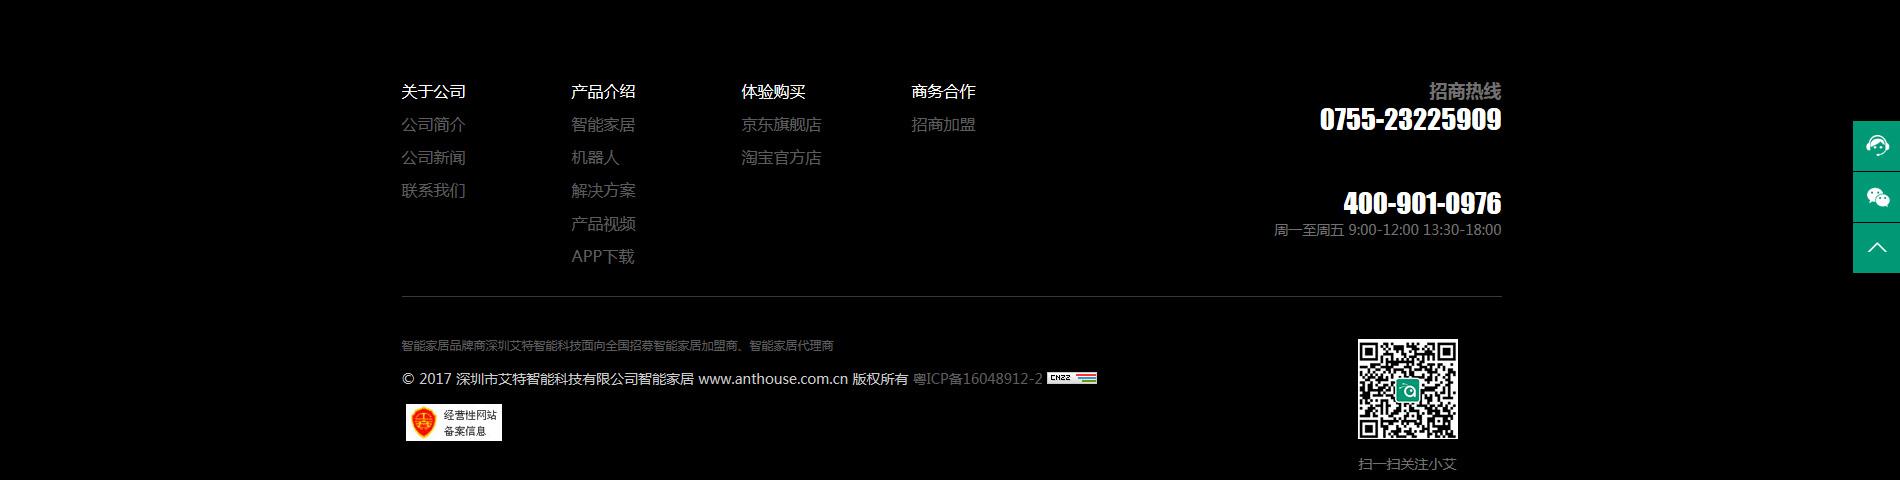 页脚网页设计版式三